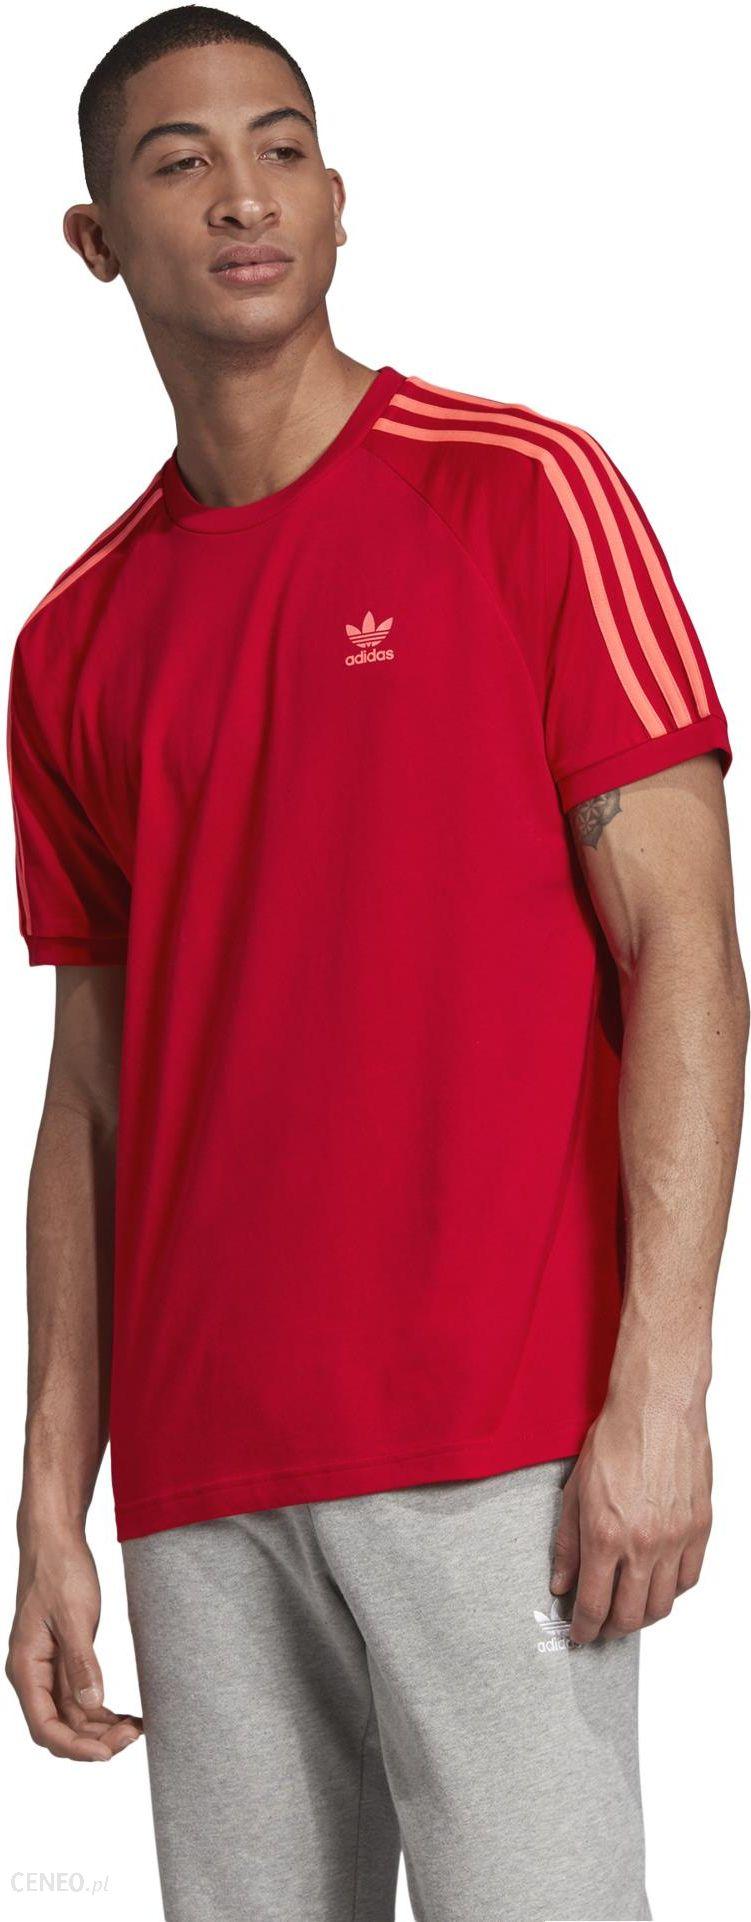 Adidas Originals 3 Stripes Koszulka Czerwony L Ceny i opinie Ceneo.pl